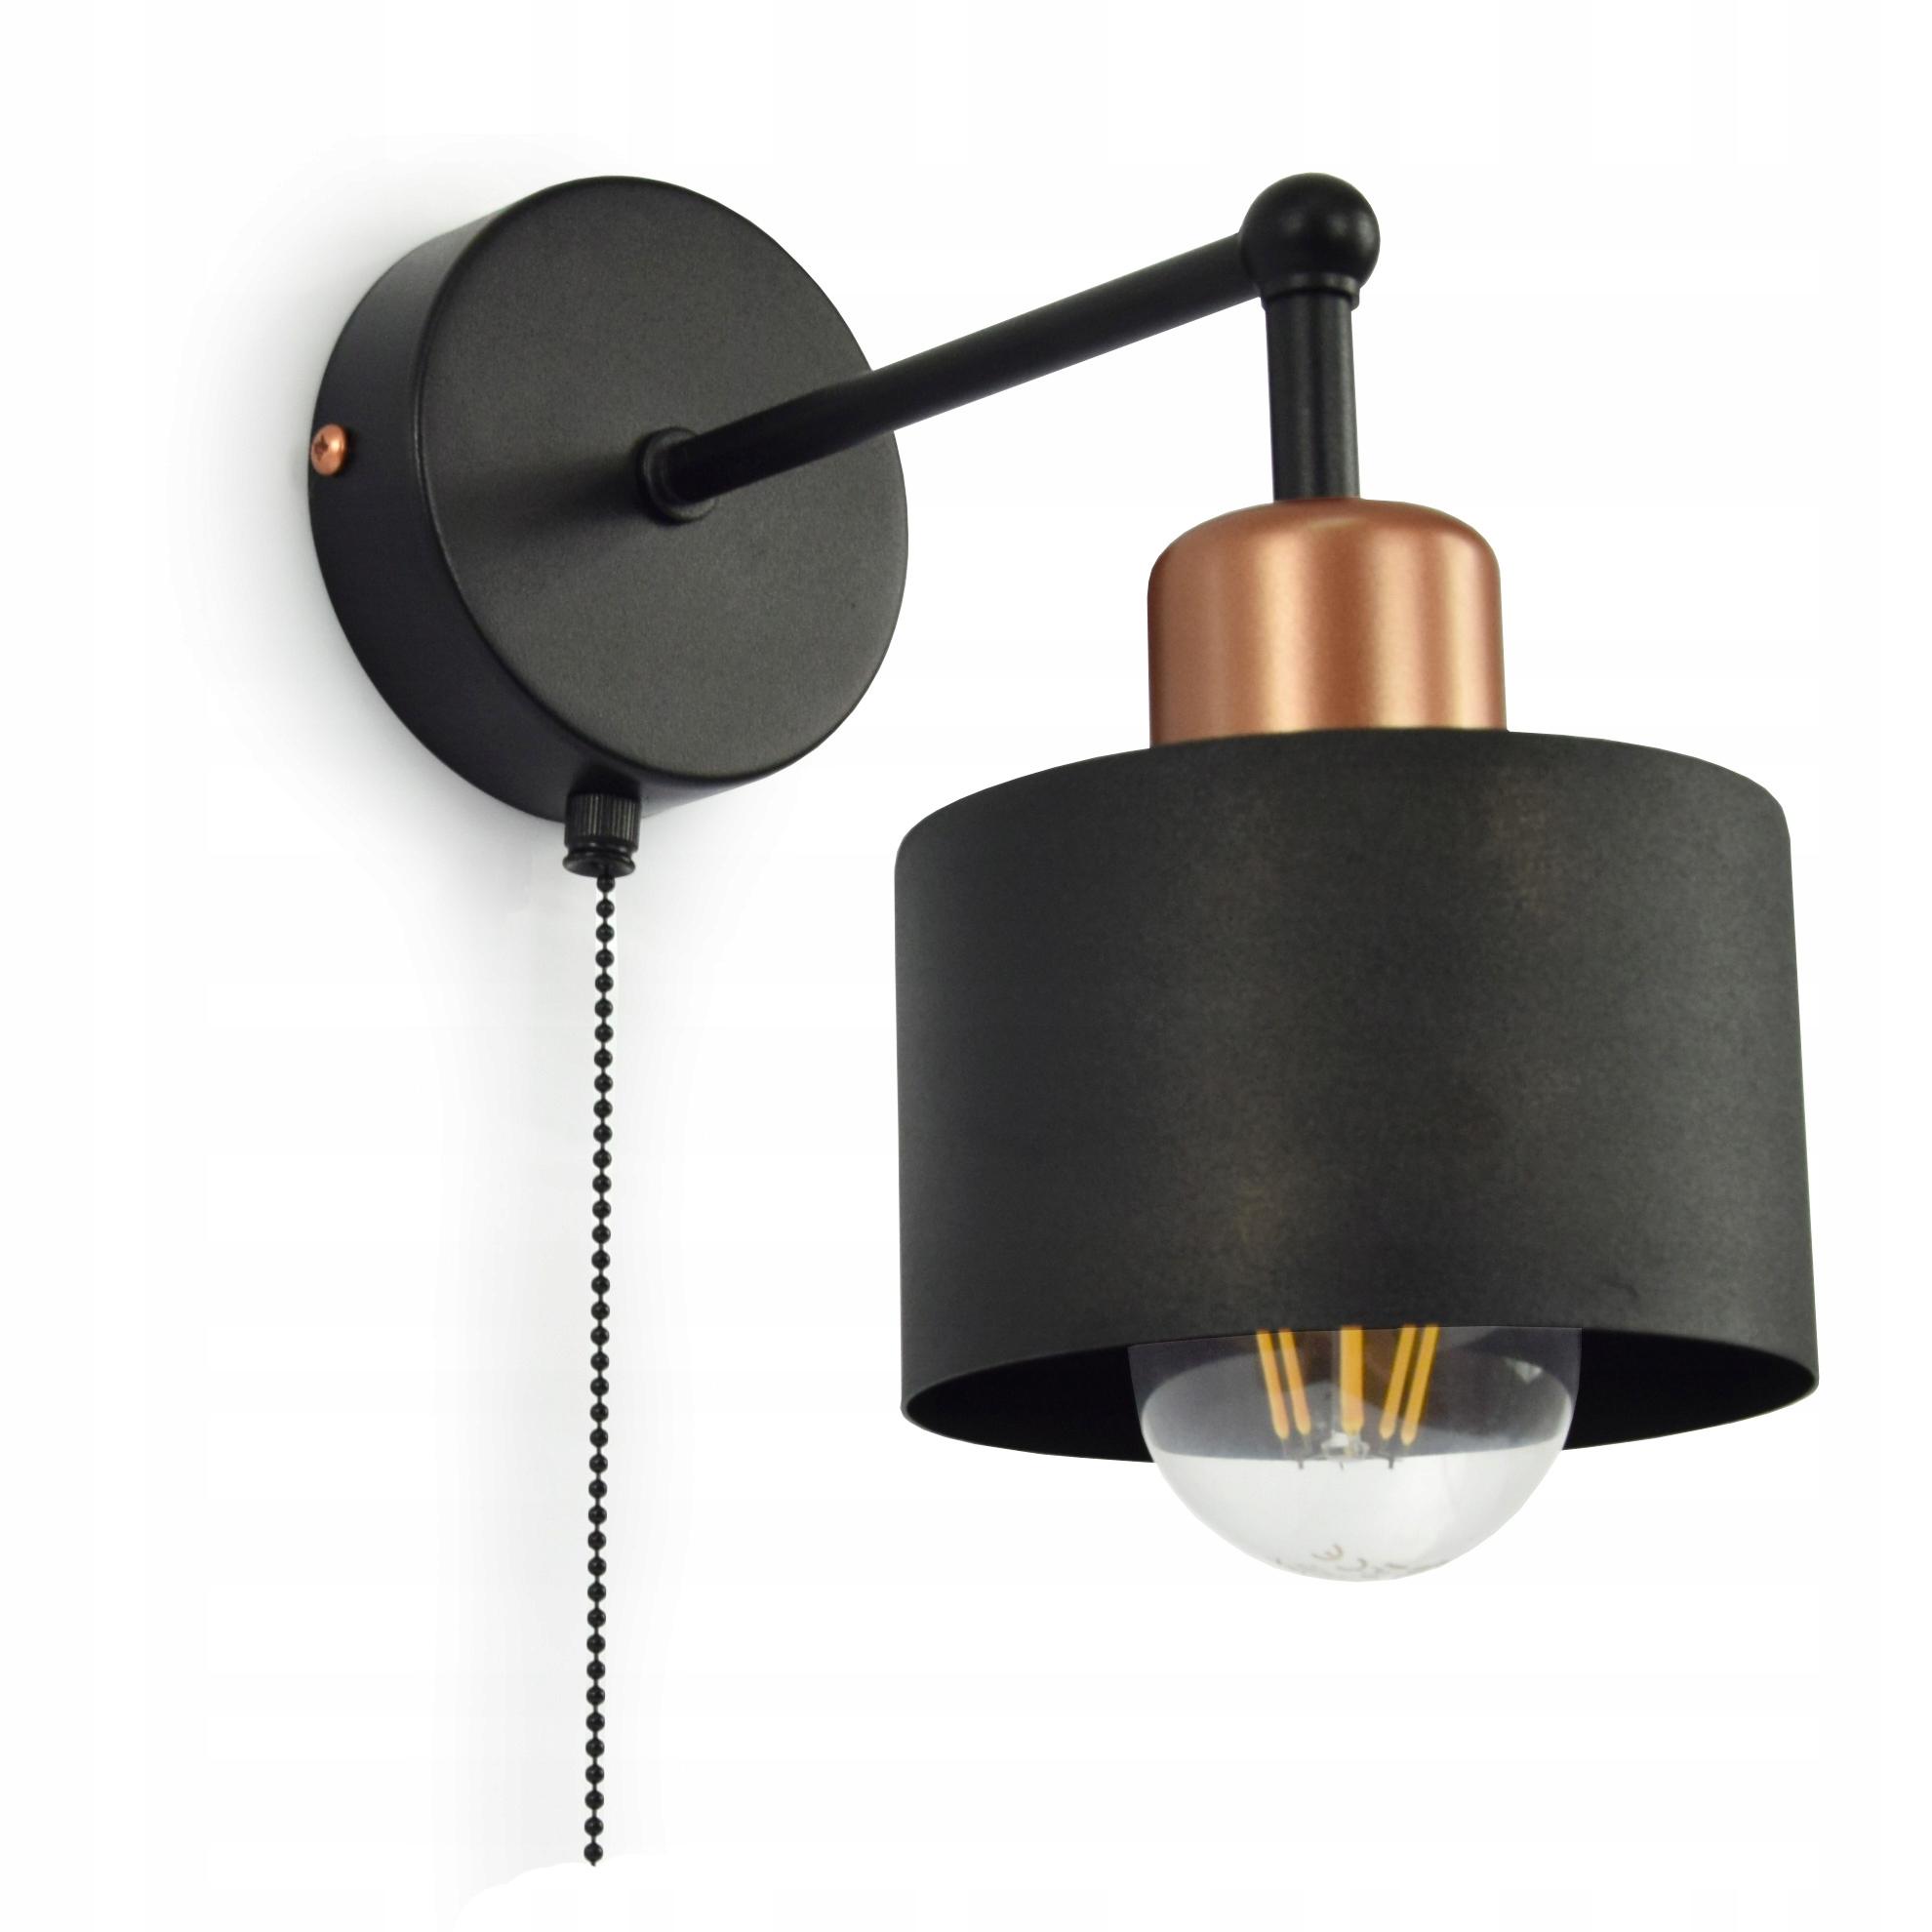 Lampa Scienna Kinkiet Loft Edison Led E27 382 Kw1 7665376172 Allegro Pl